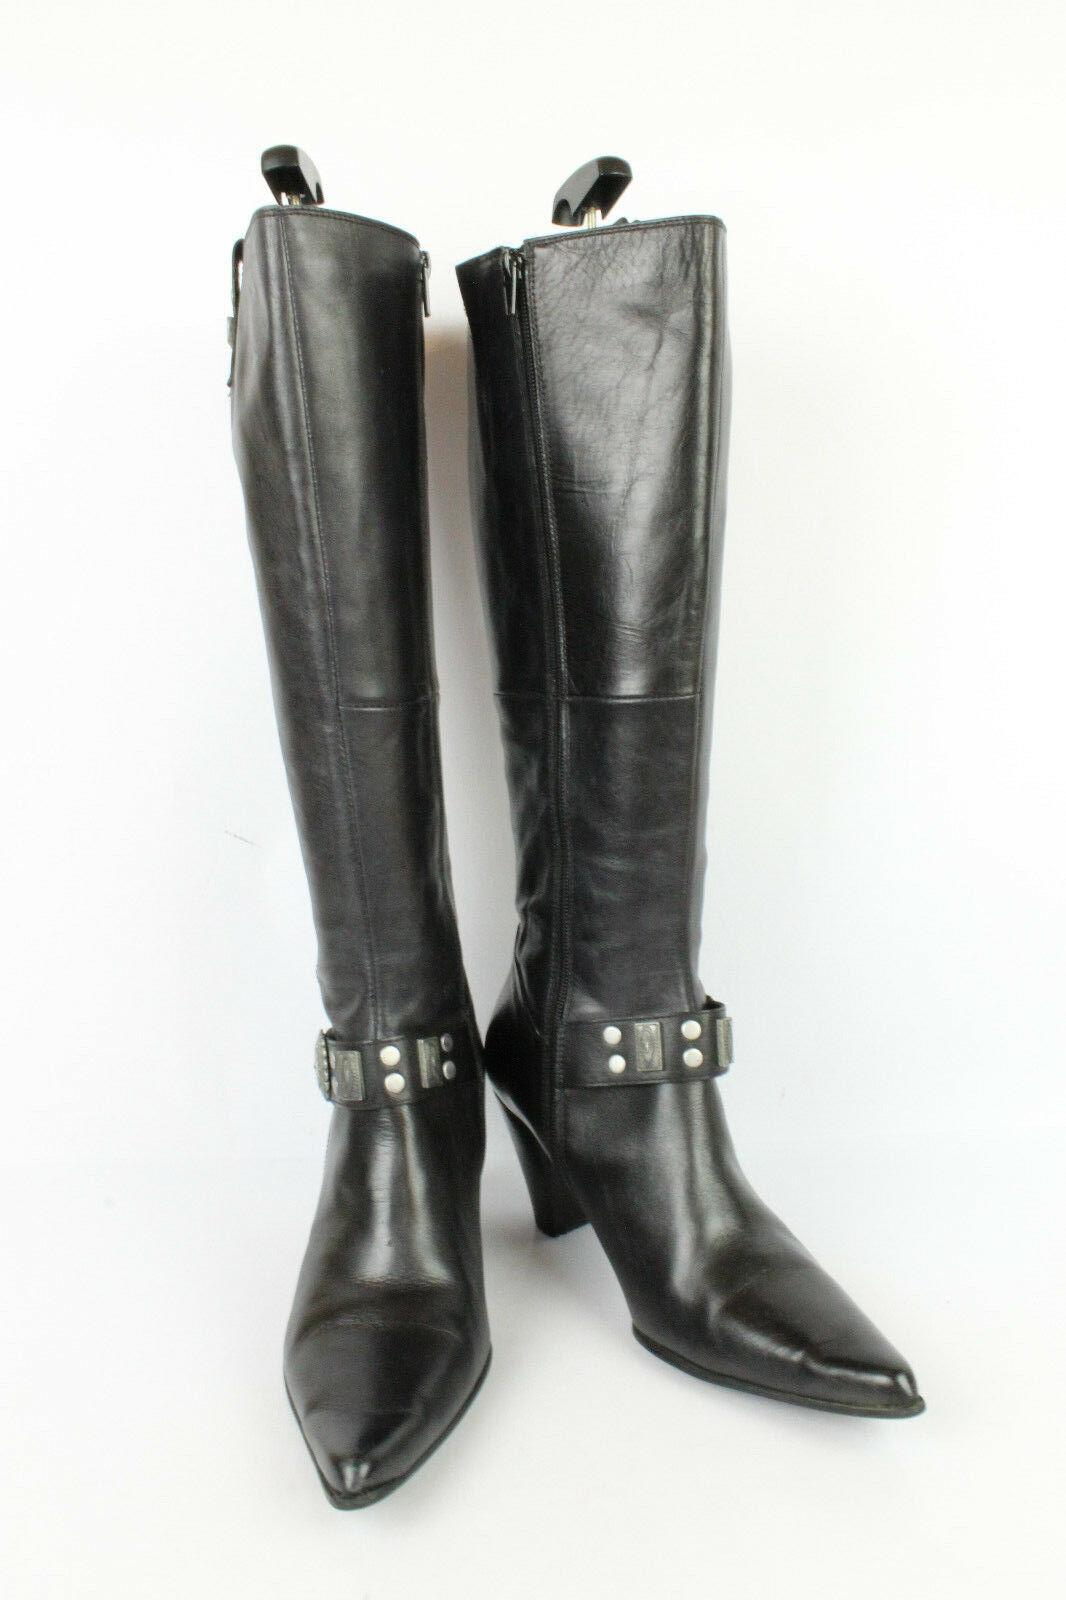 Stiefel MISS MODE Leder black de 39 UK 5.5